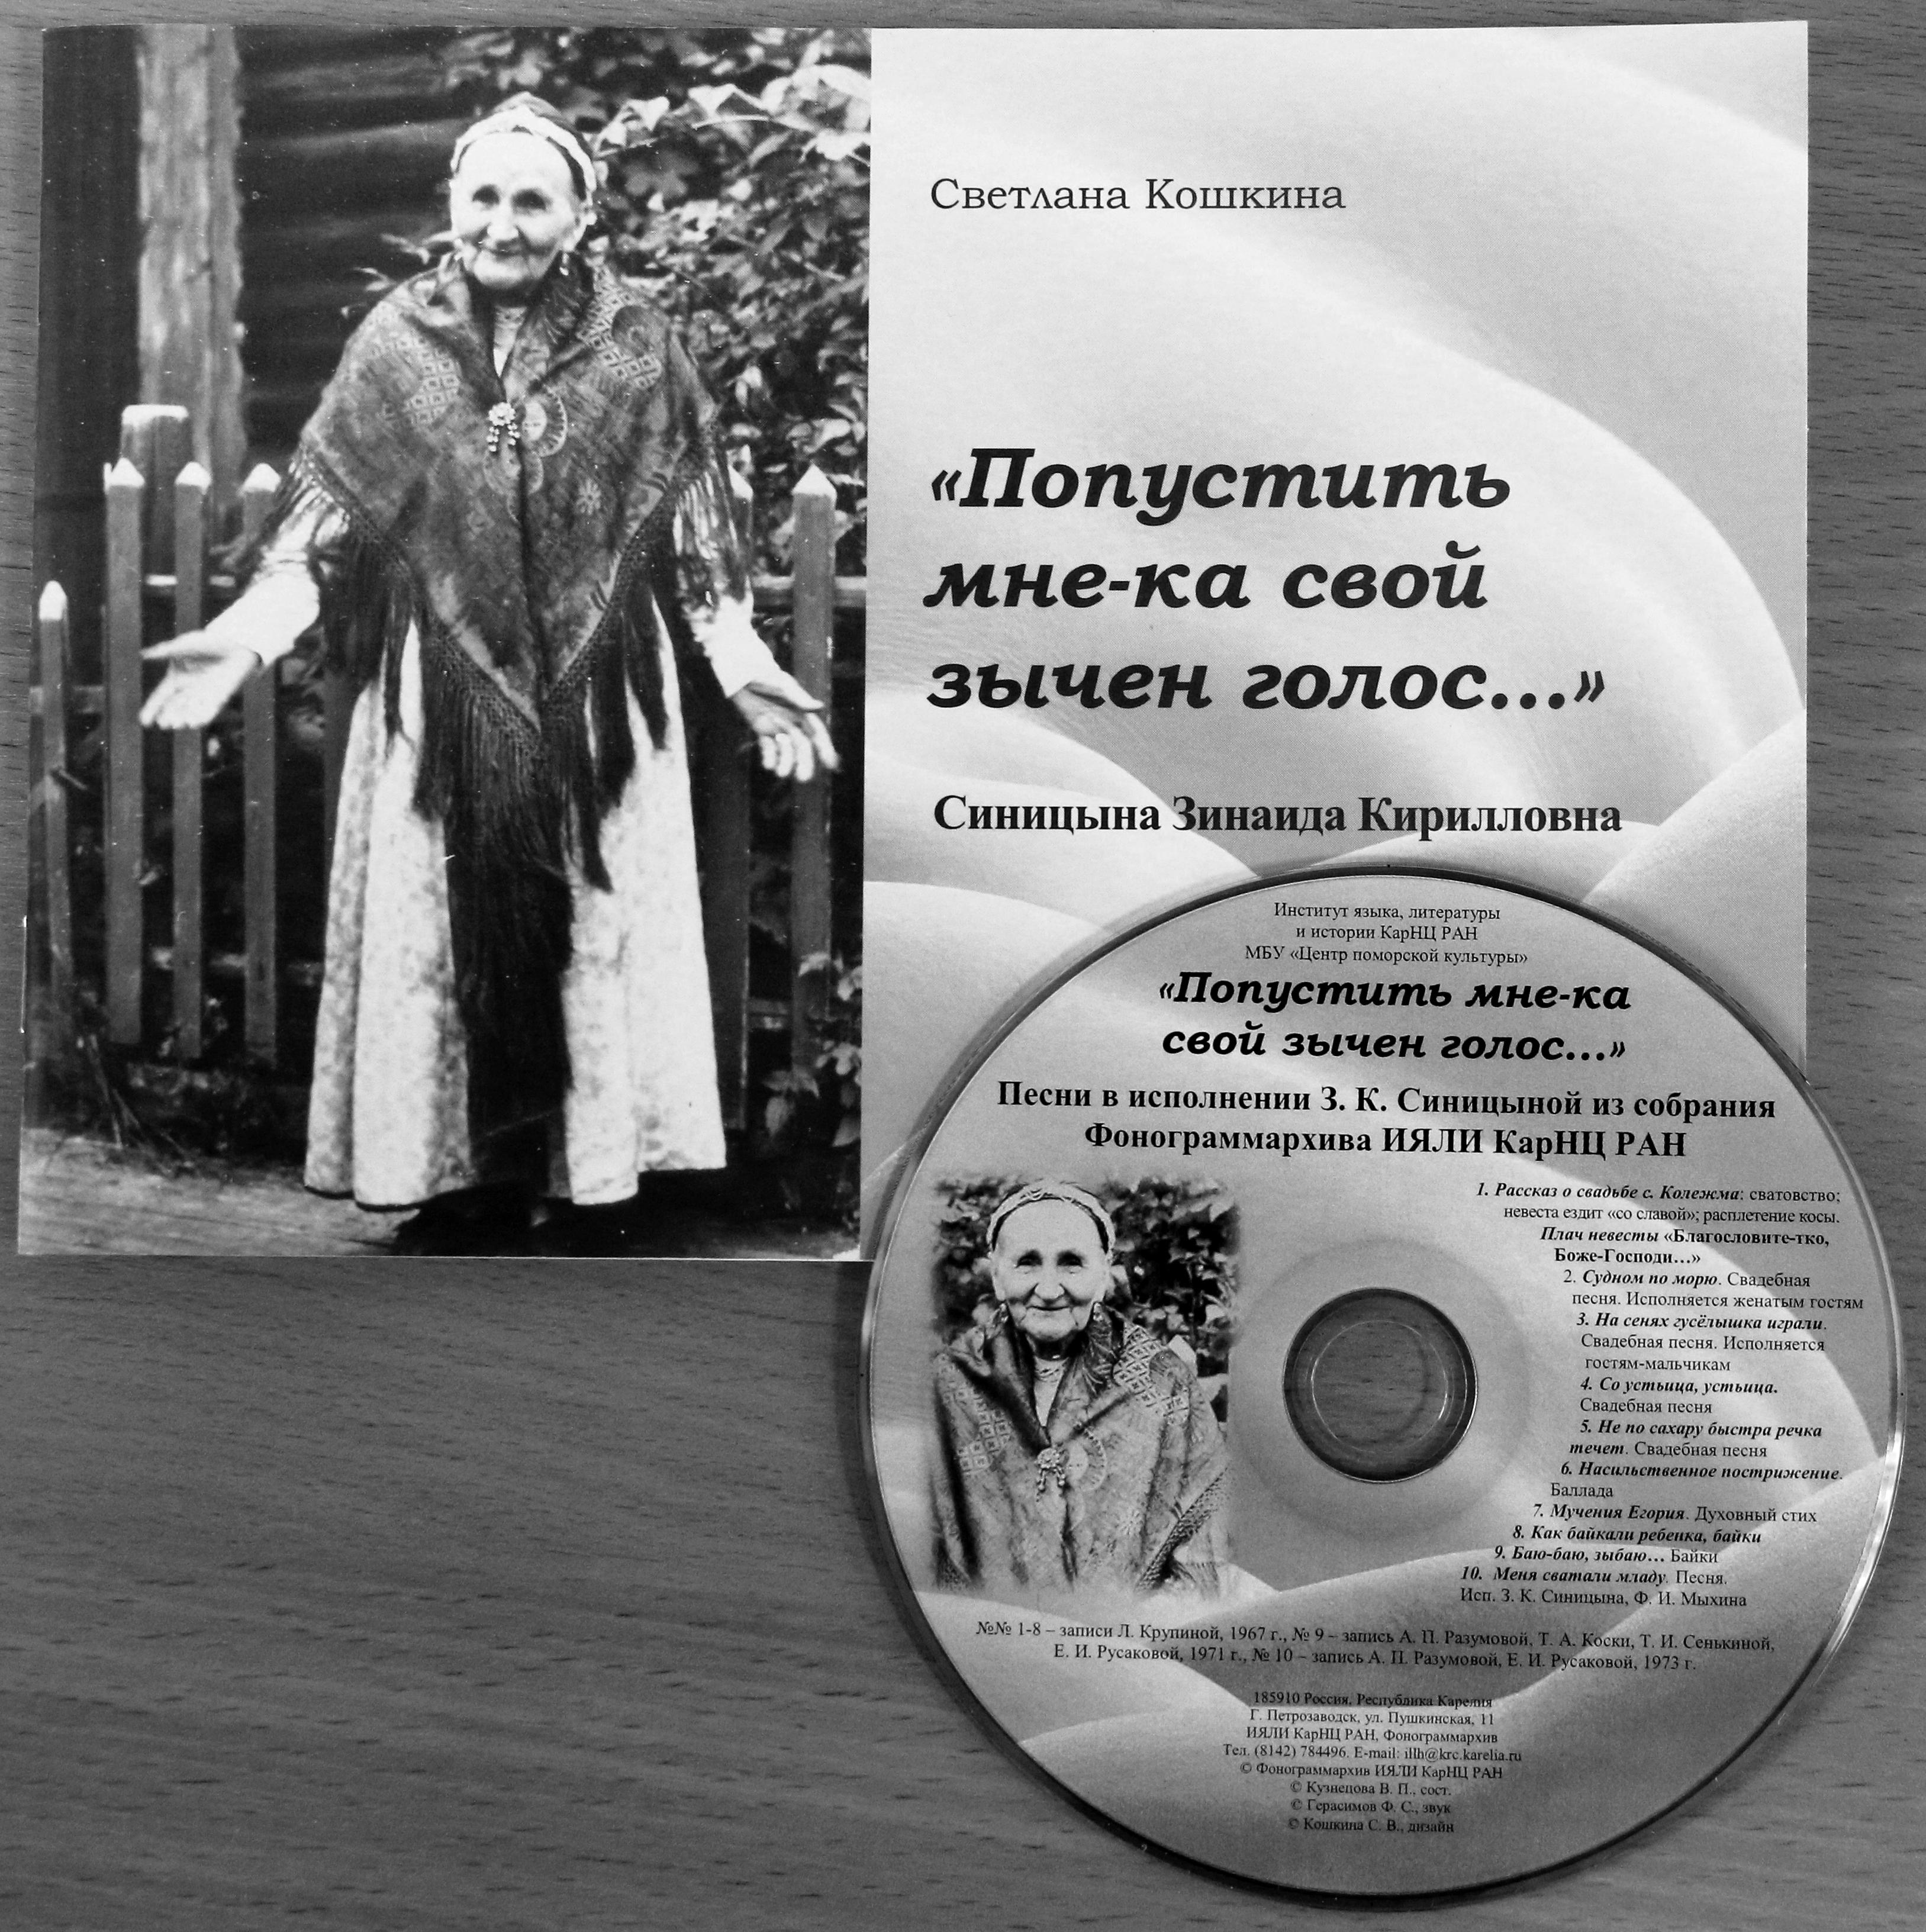 Альбом и диск о З. К. Синицыной